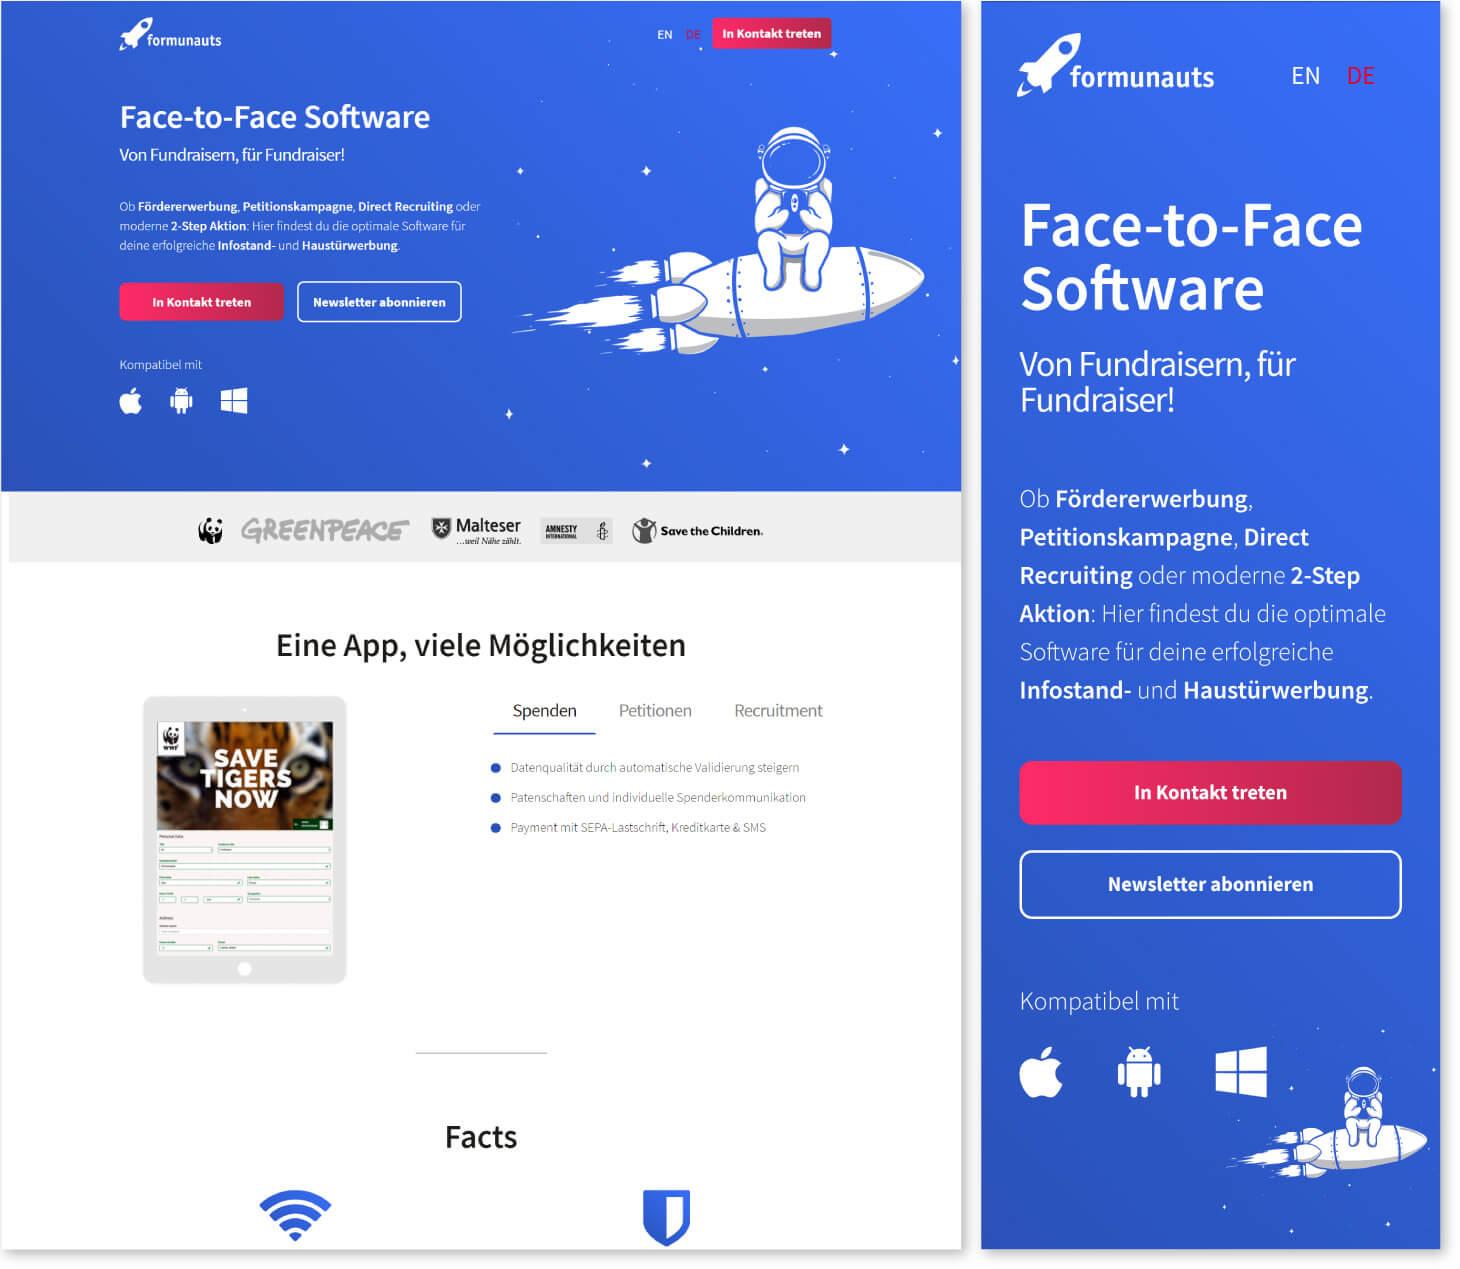 Die Webseite von Formaunauts in der Desktop und in der Mobilen Ansicht nebeneinander.